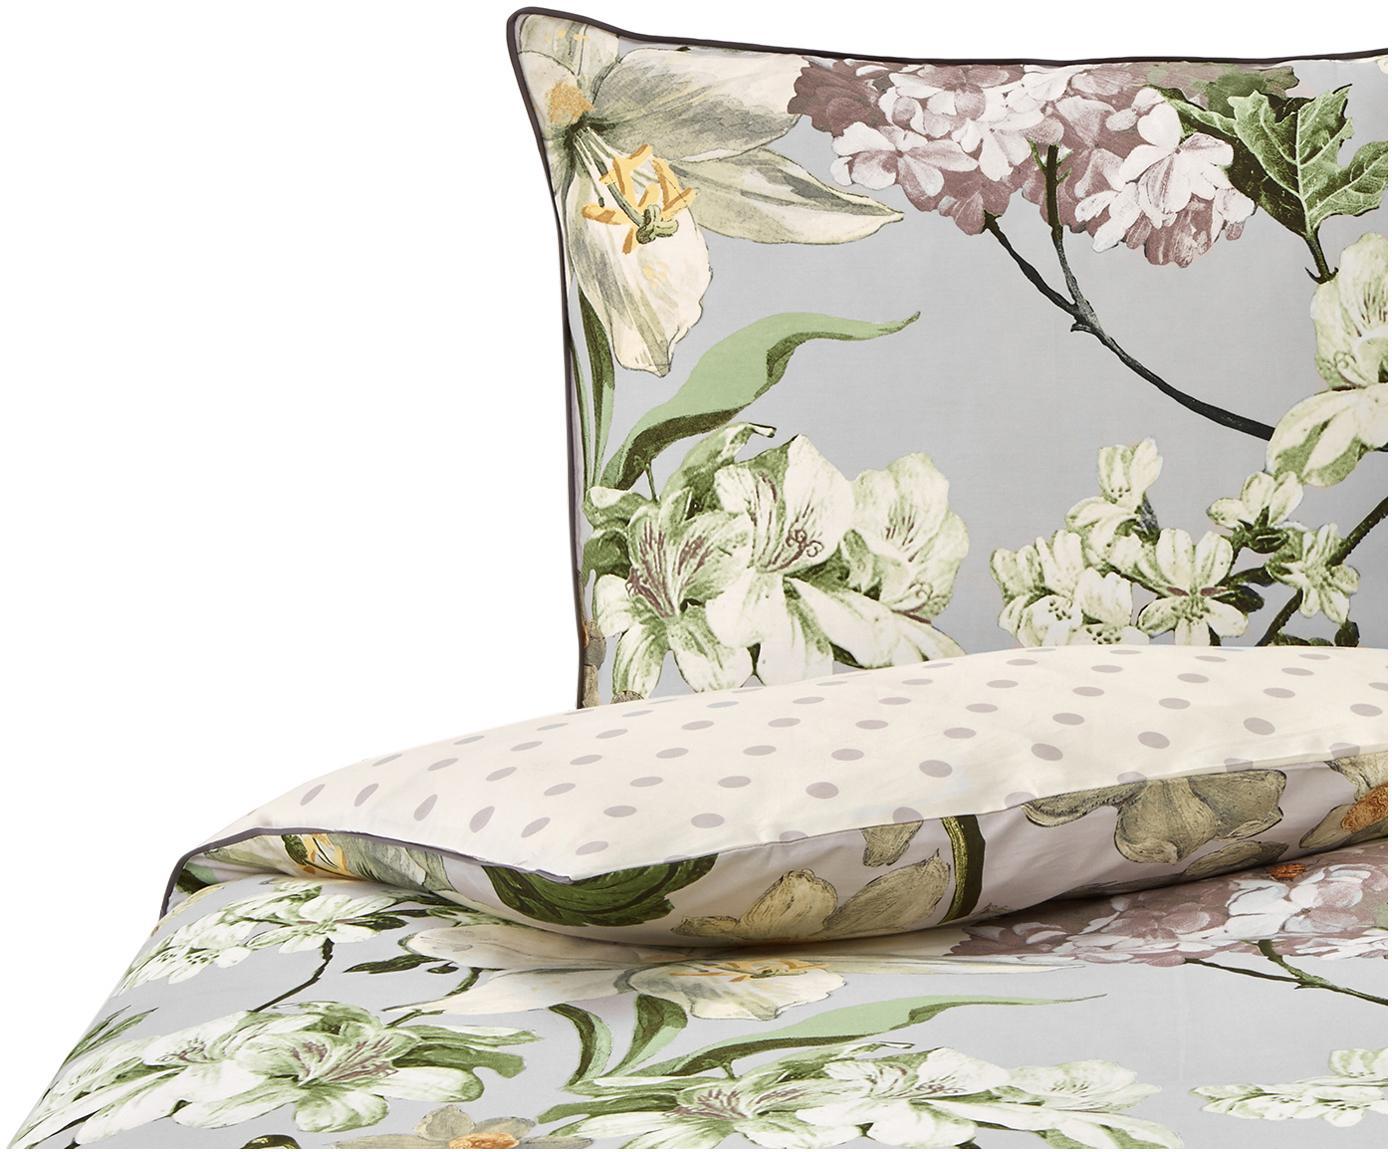 Baumwollsatin-Wendebettwäsche Rosalee mit Blumen-Muster, Webart: Satin Fadendichte 215 TC,, Grau, Mehrfarbig, 135 x 200 cm + 1 Kissen 80 x 80 cm